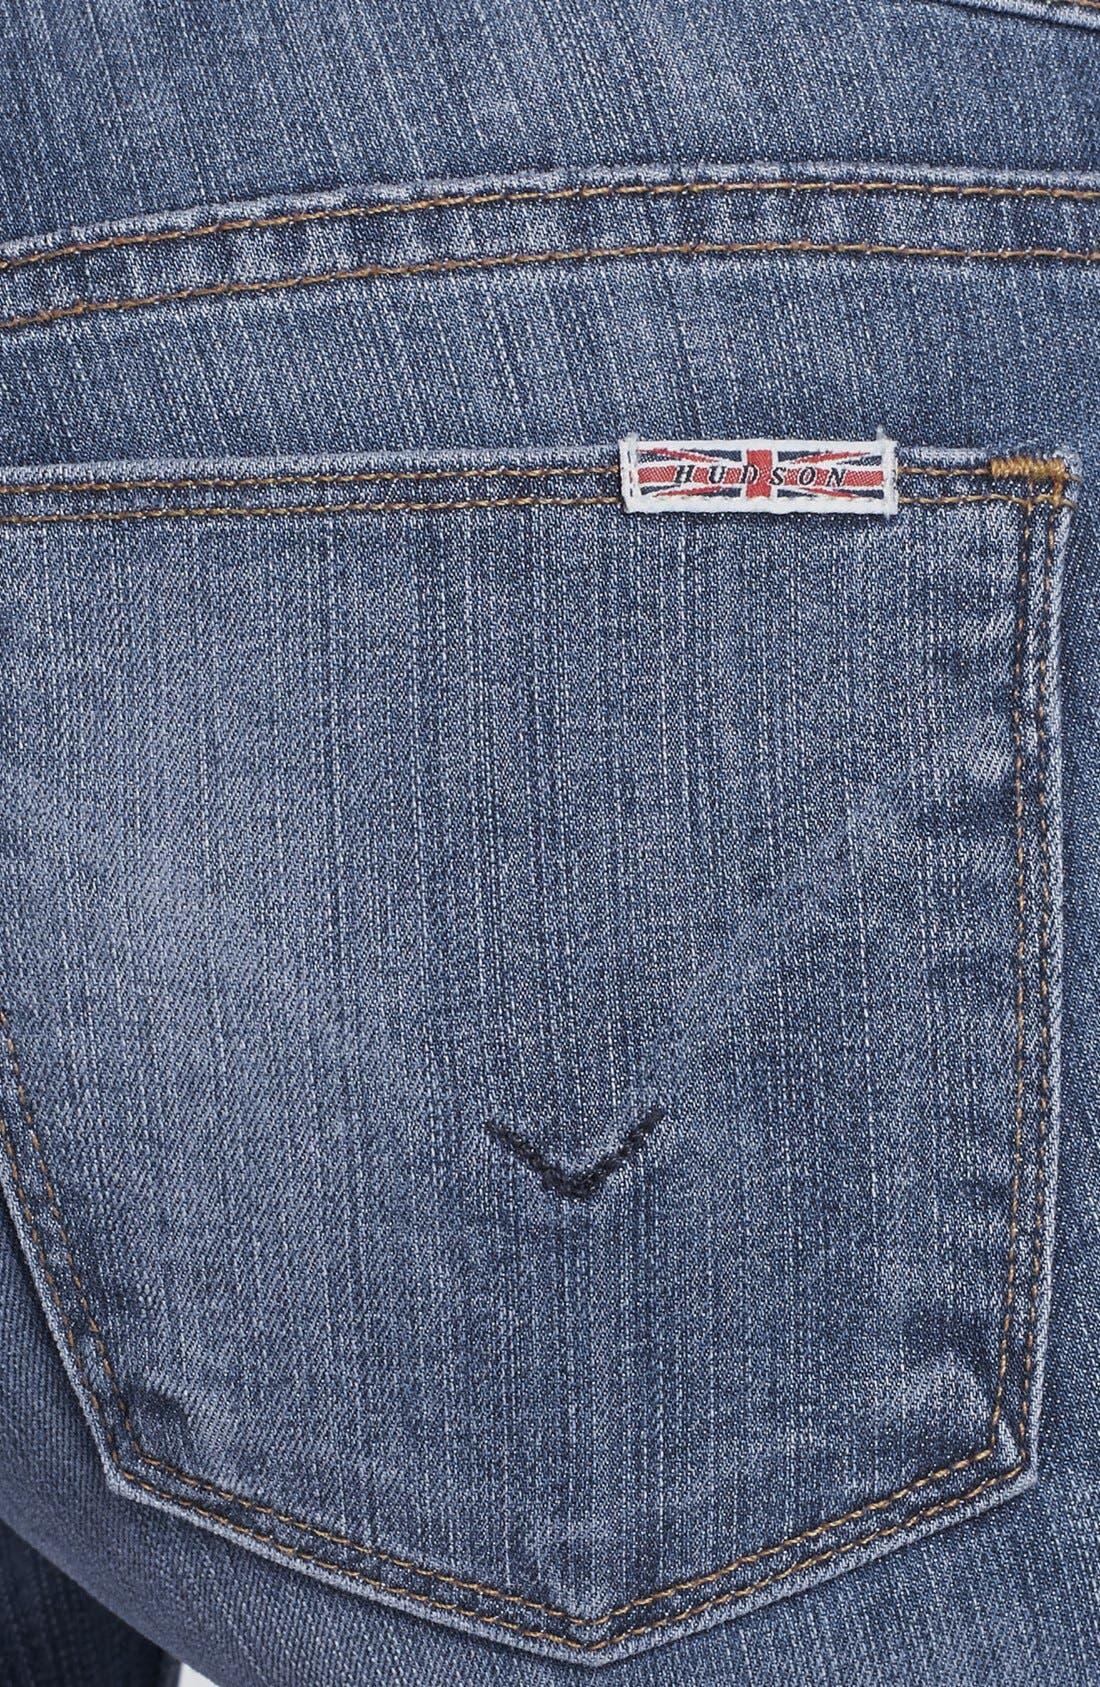 Alternate Image 3  - Hudson Jeans 'Krista' Super Skinny Jeans (Floyd 2)